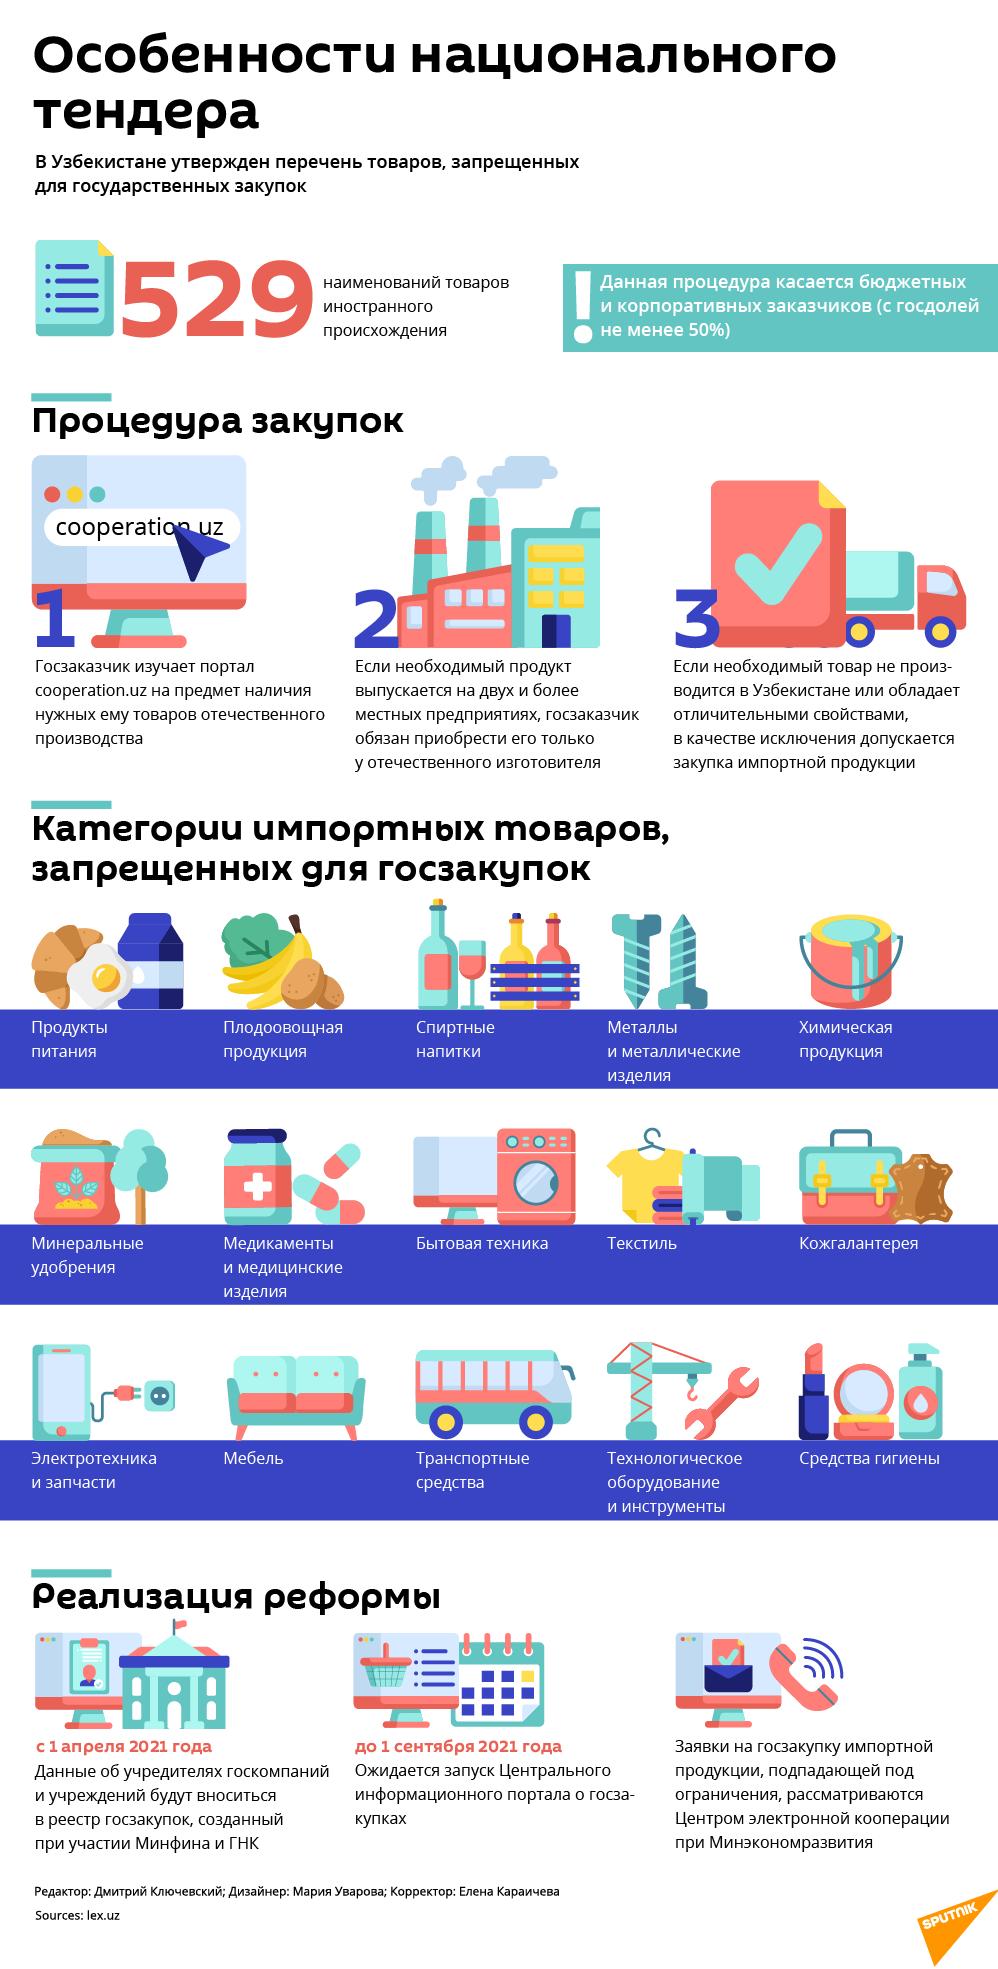 Список товаров, запрещенных для импорта по госзакупкам - Sputnik Узбекистан